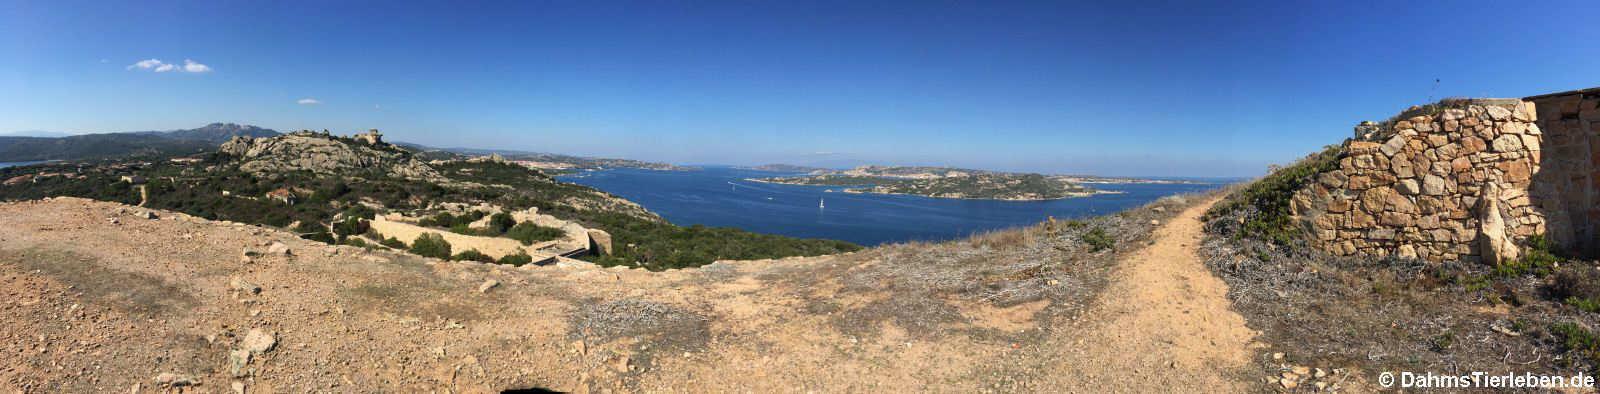 Panoramaaufnahme vom höchsten Punkt der Festungsanlage. Links der Bärenfelsen, im Hintergrund die Insel La Maddalena